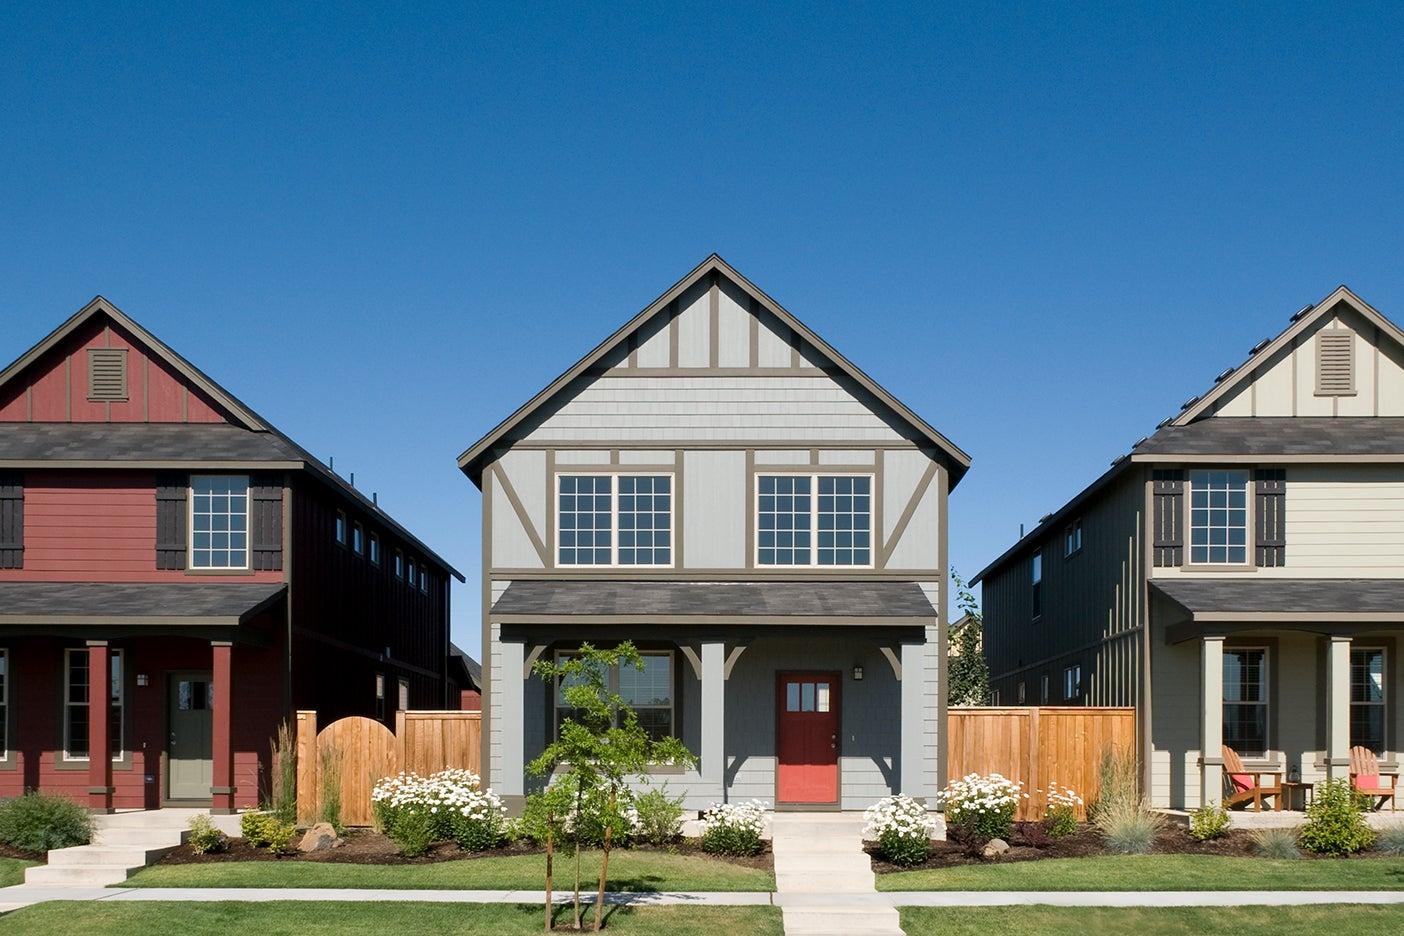 a few houses